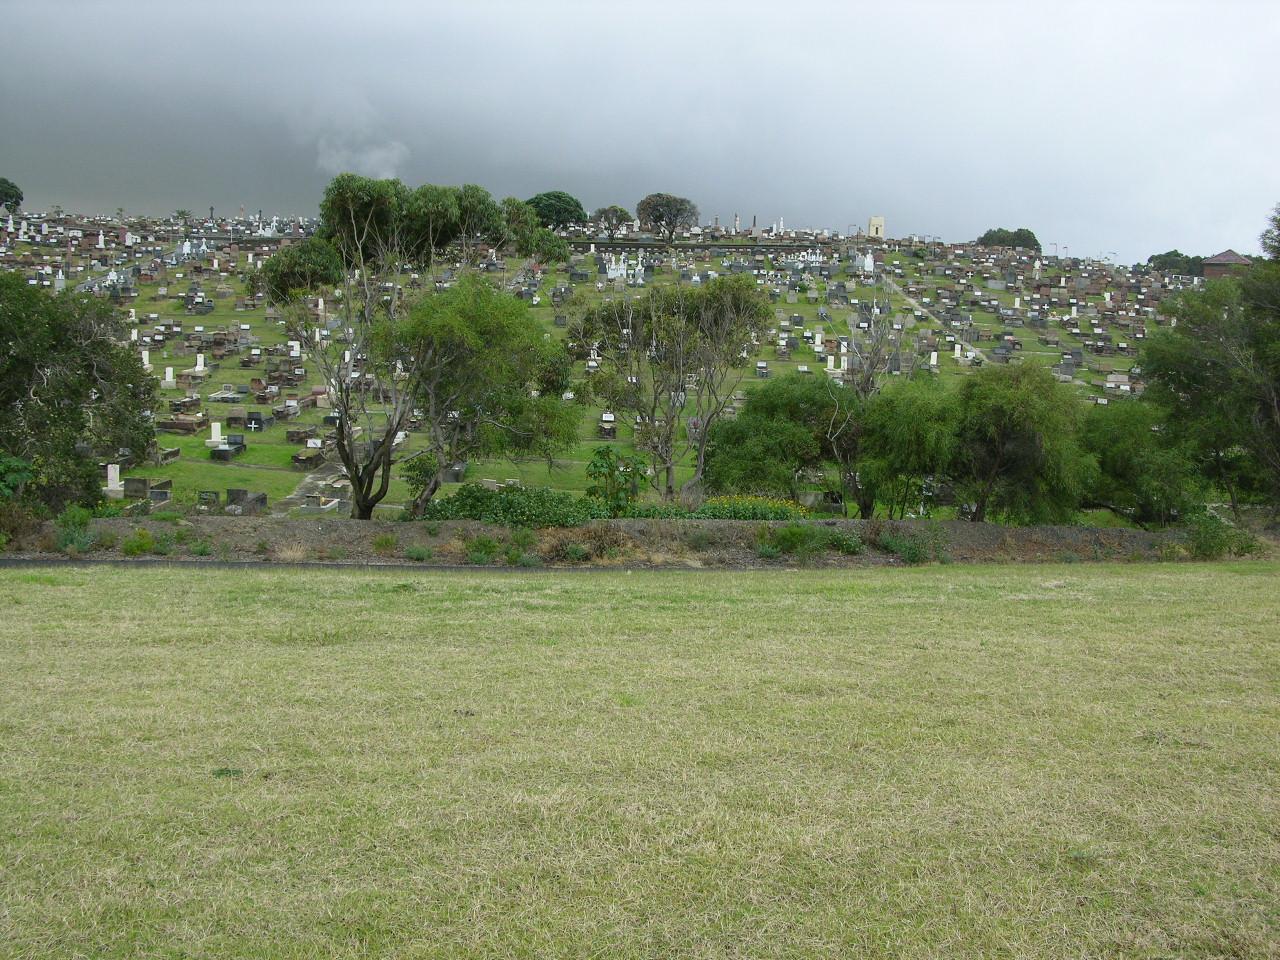 Eastern Suburbs Memorial Park Cemetery and Crematorium - 5